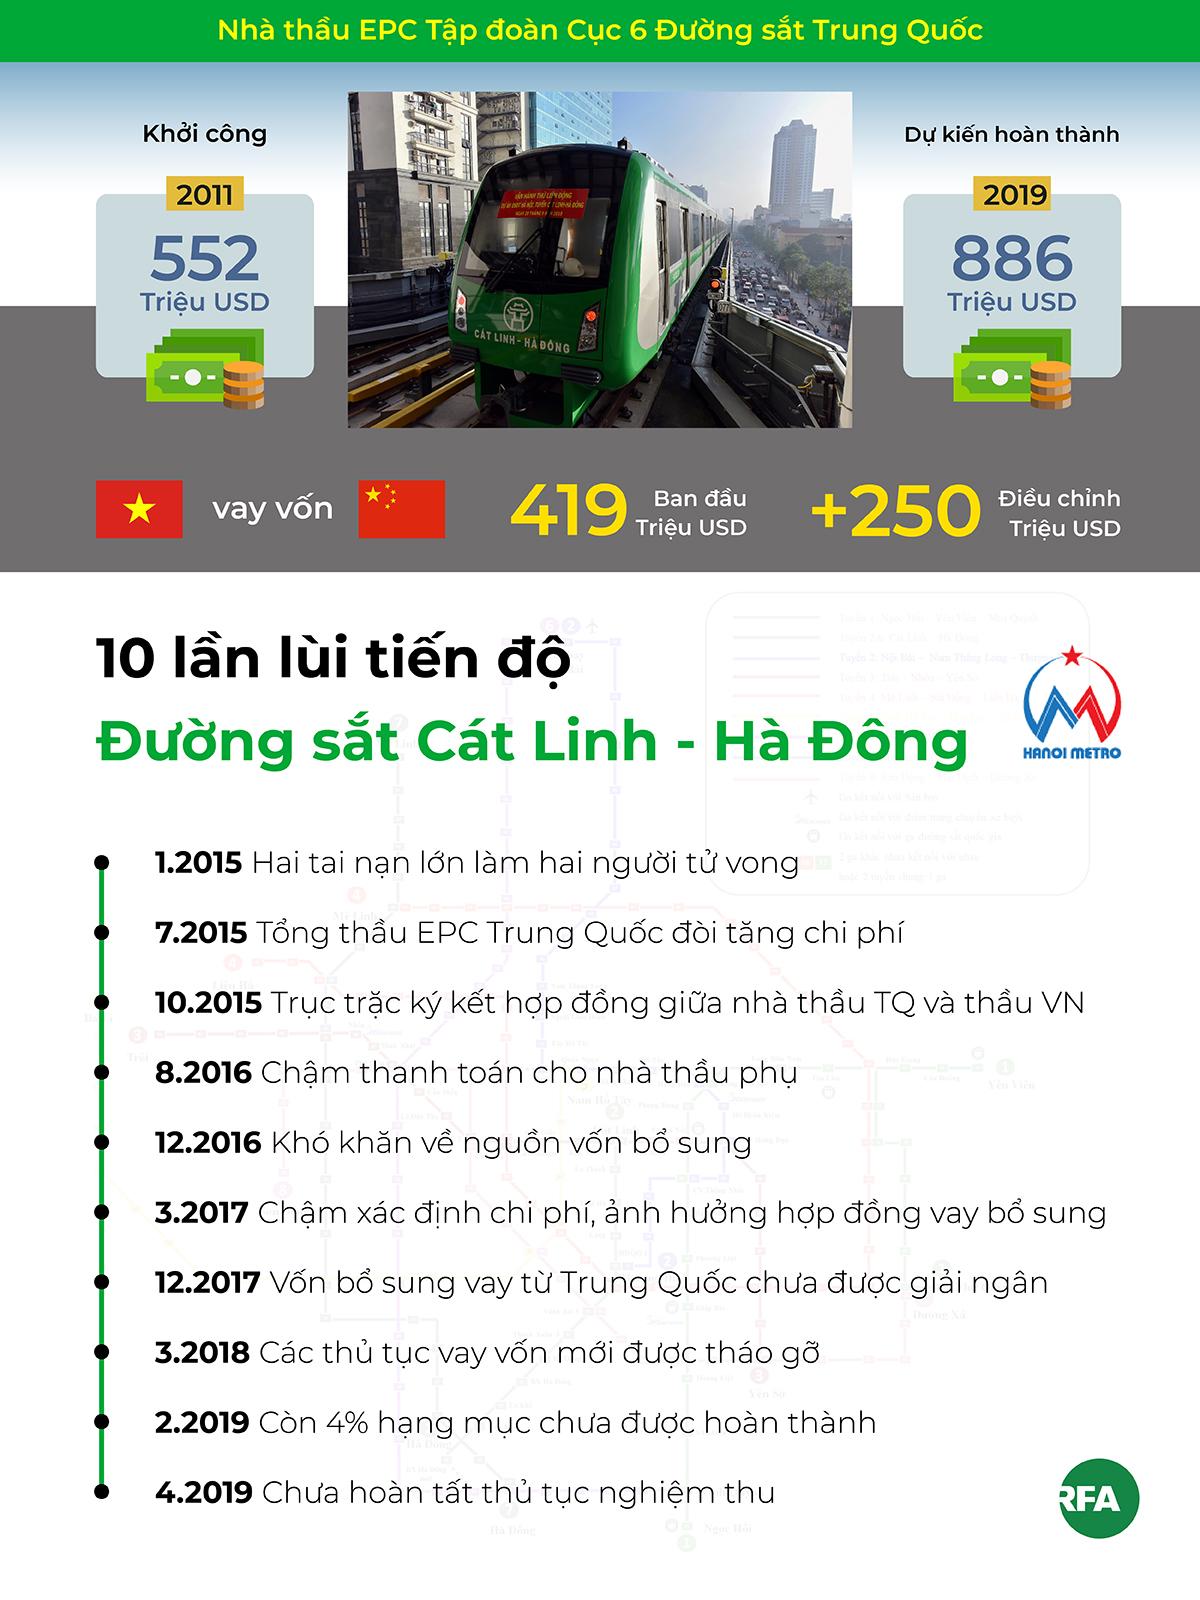 10 lần chậm tiến độ Đường sắt Cát Linh - Hà Đông